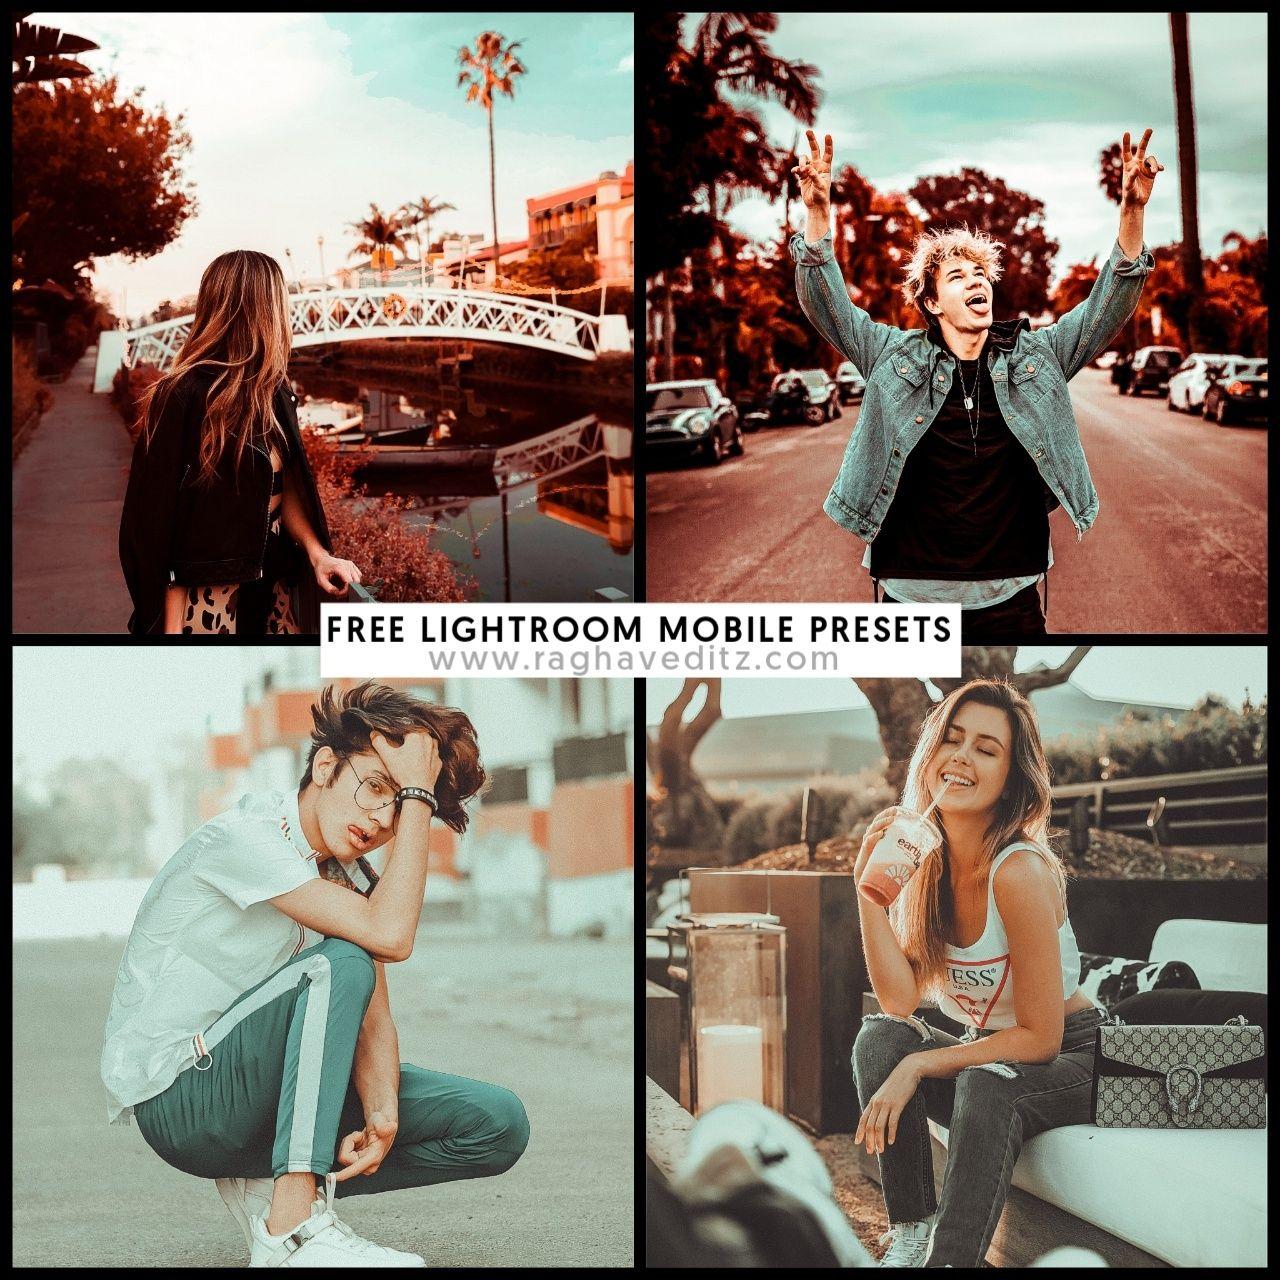 free Lightroom Mobile Presets (Lightroom Presets) download | taysiir